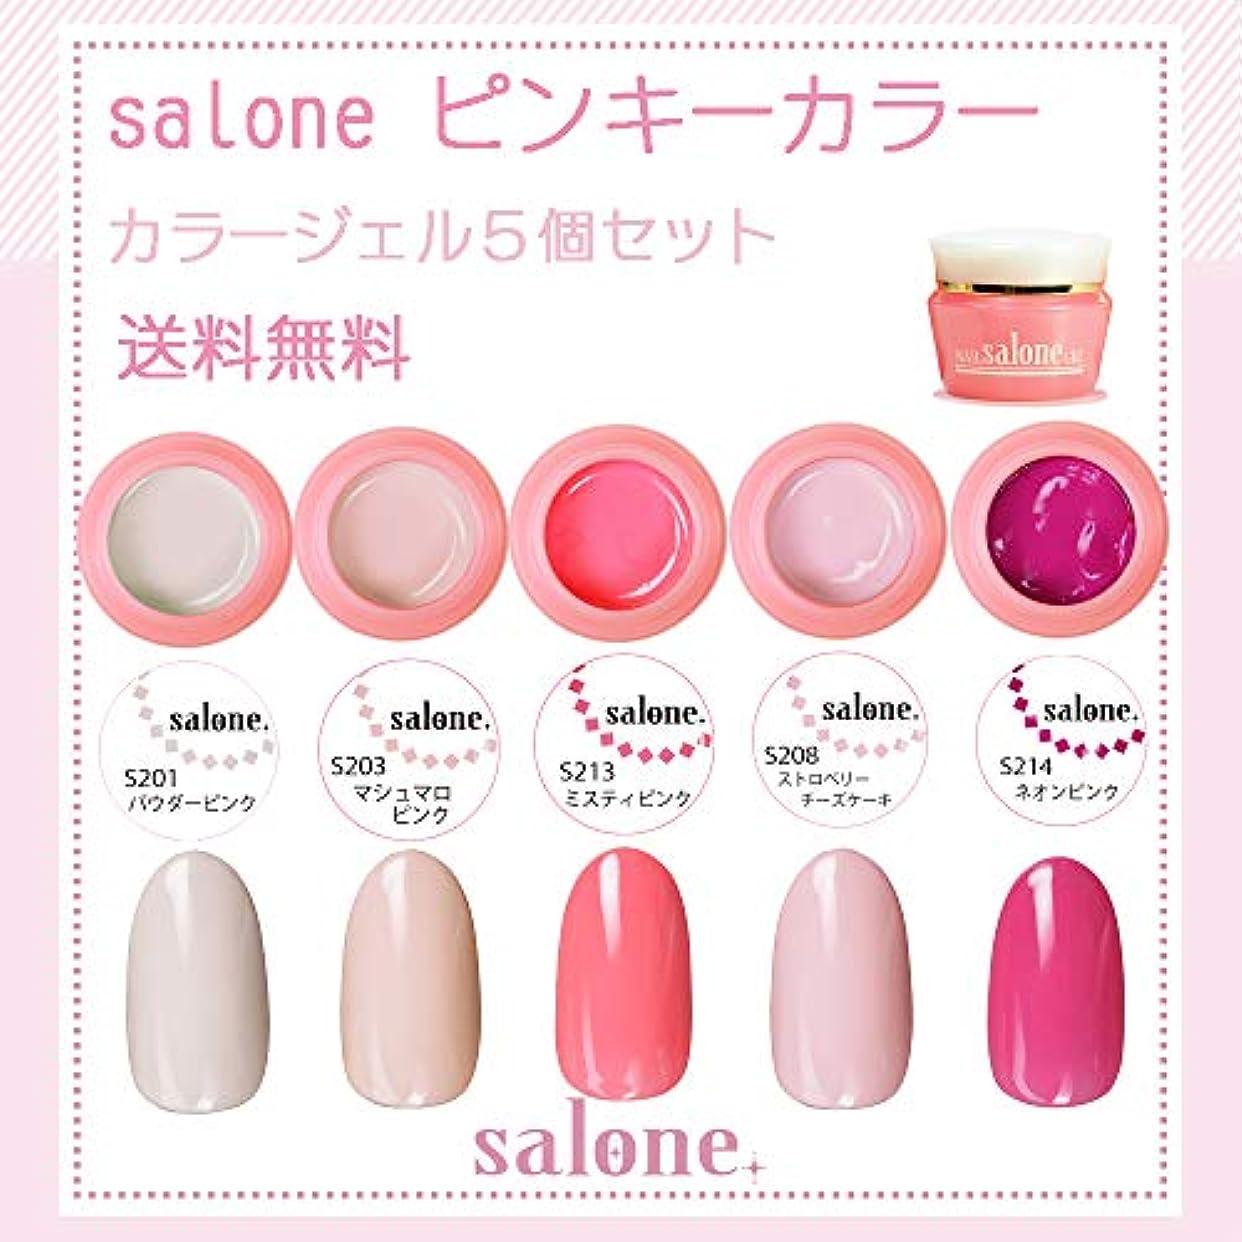 四回バックインストール【送料無料 日本製】Salone ピンキー カラージェル5個セット サロンで人気のネイルのマストアイテムピンキーカラー